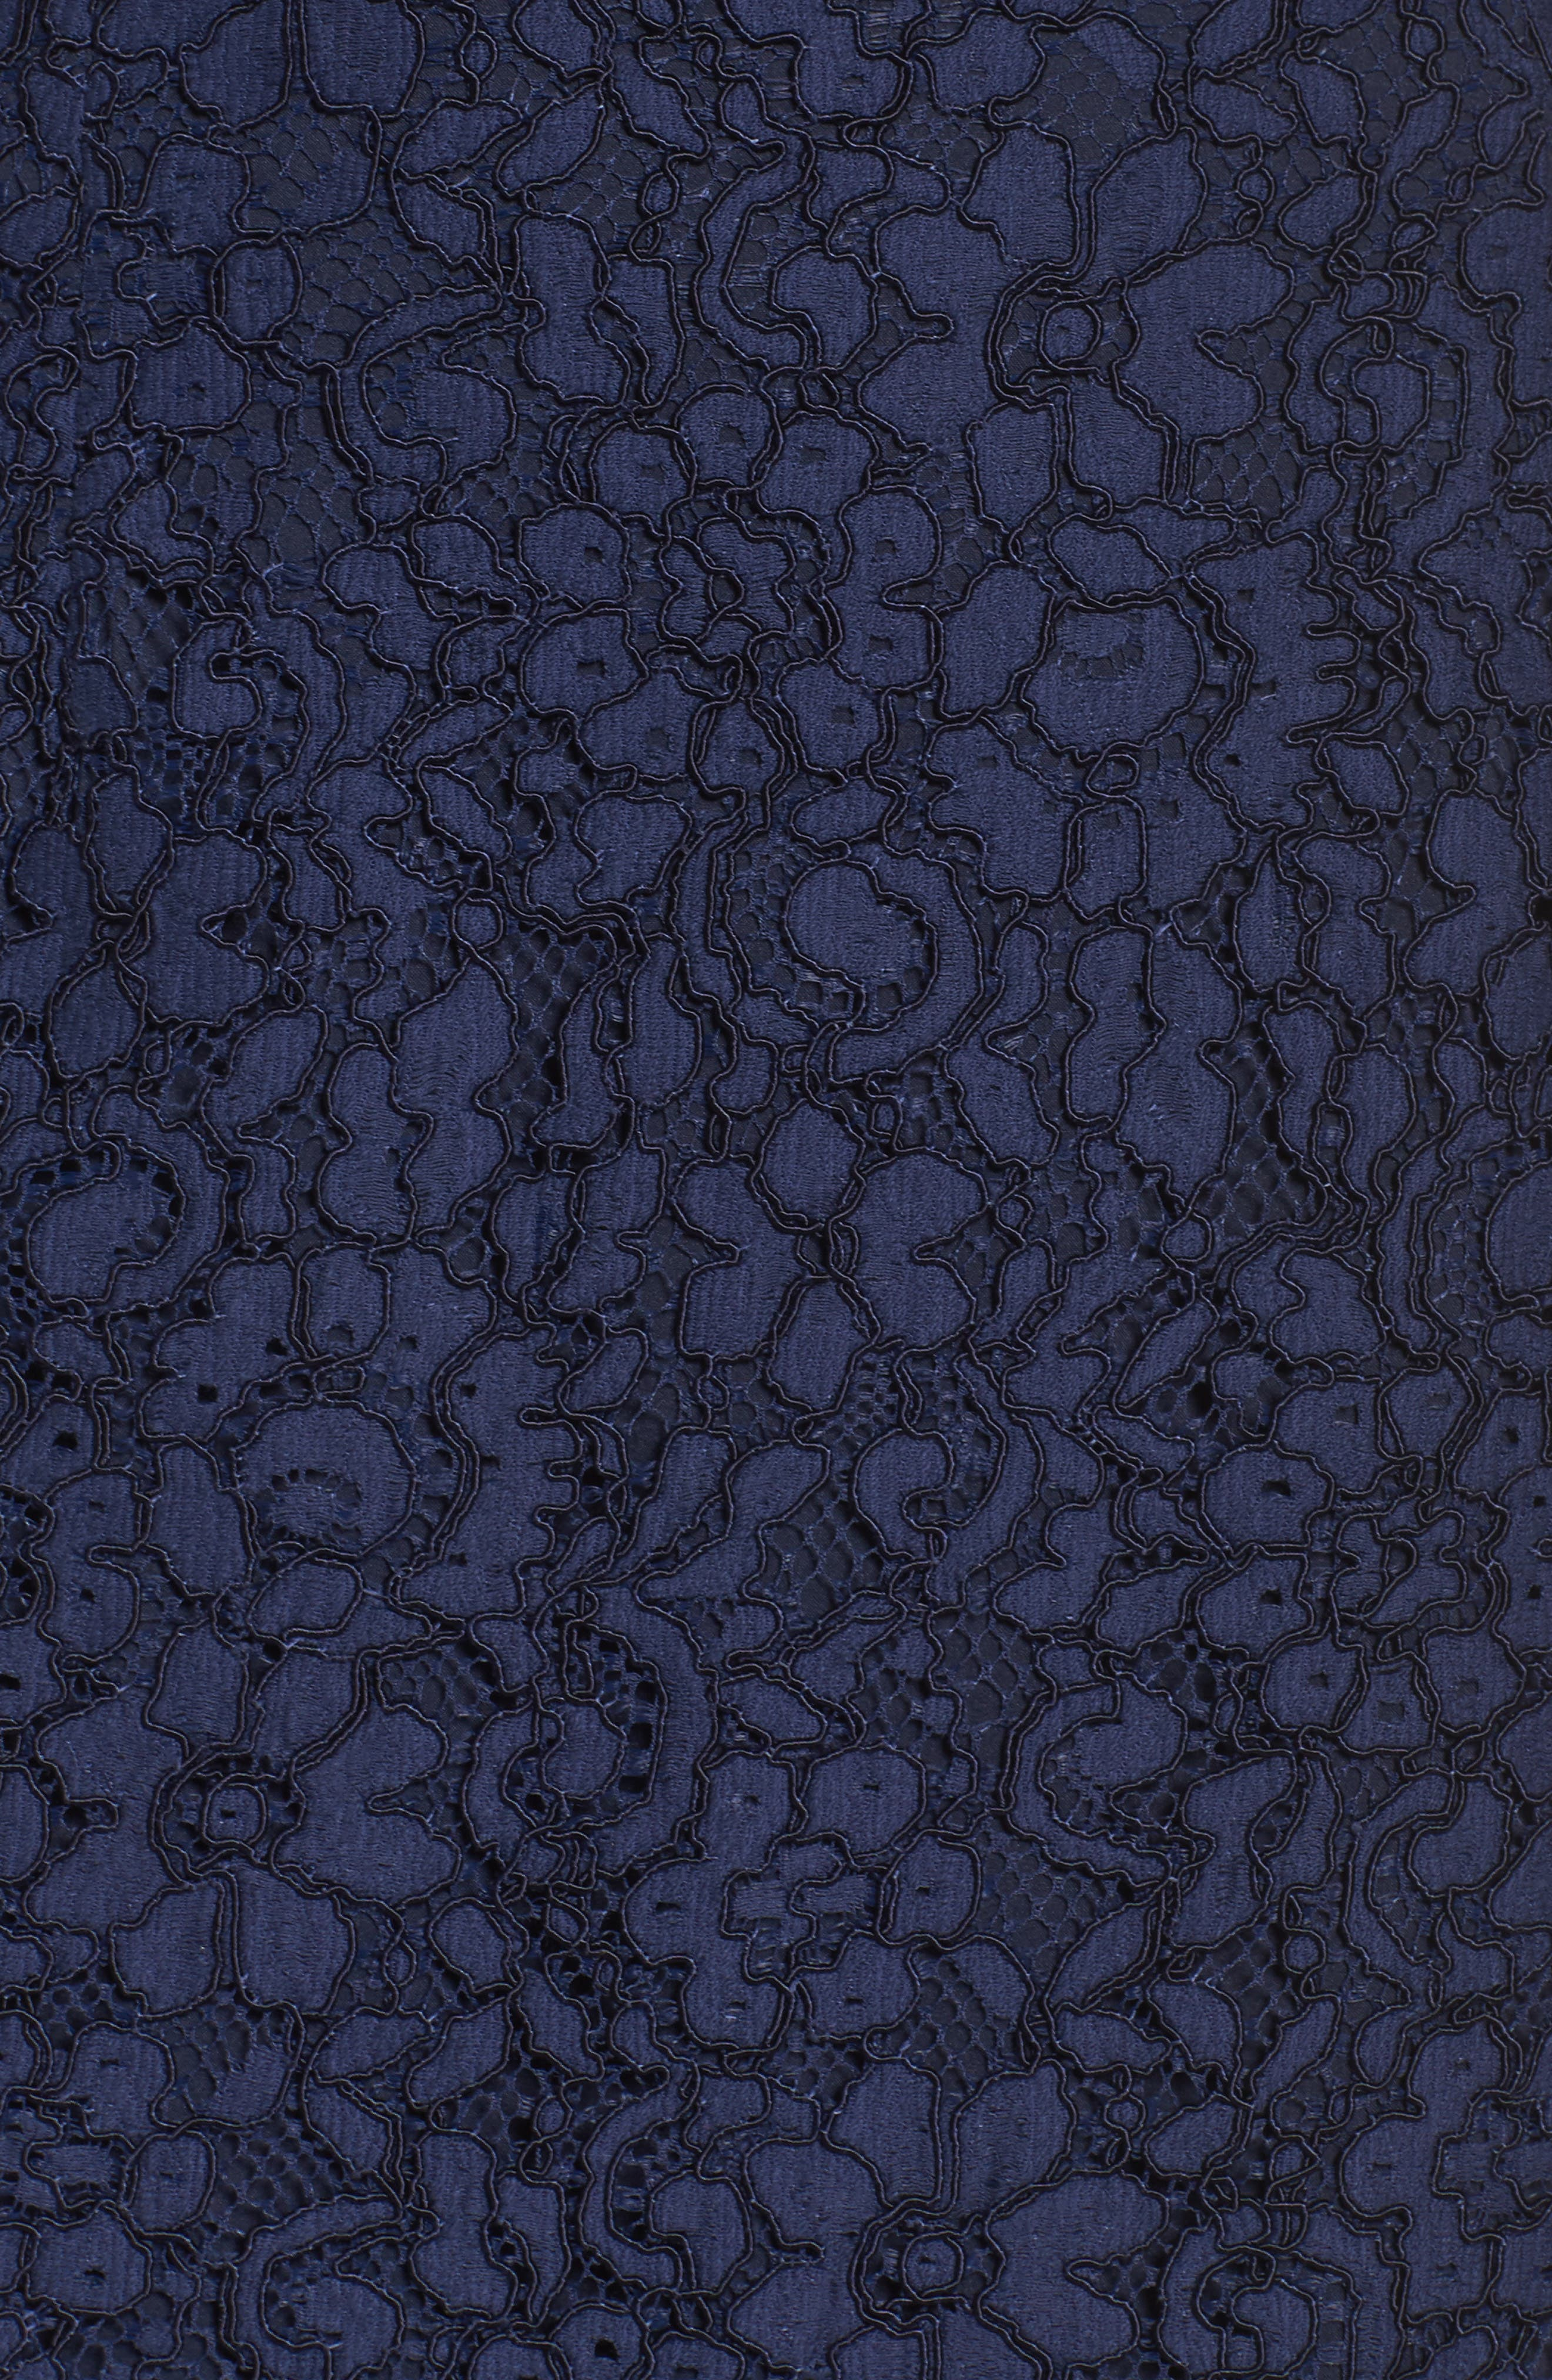 Vanowen Lace Off the Shoulder Gown,                             Alternate thumbnail 5, color,                             414